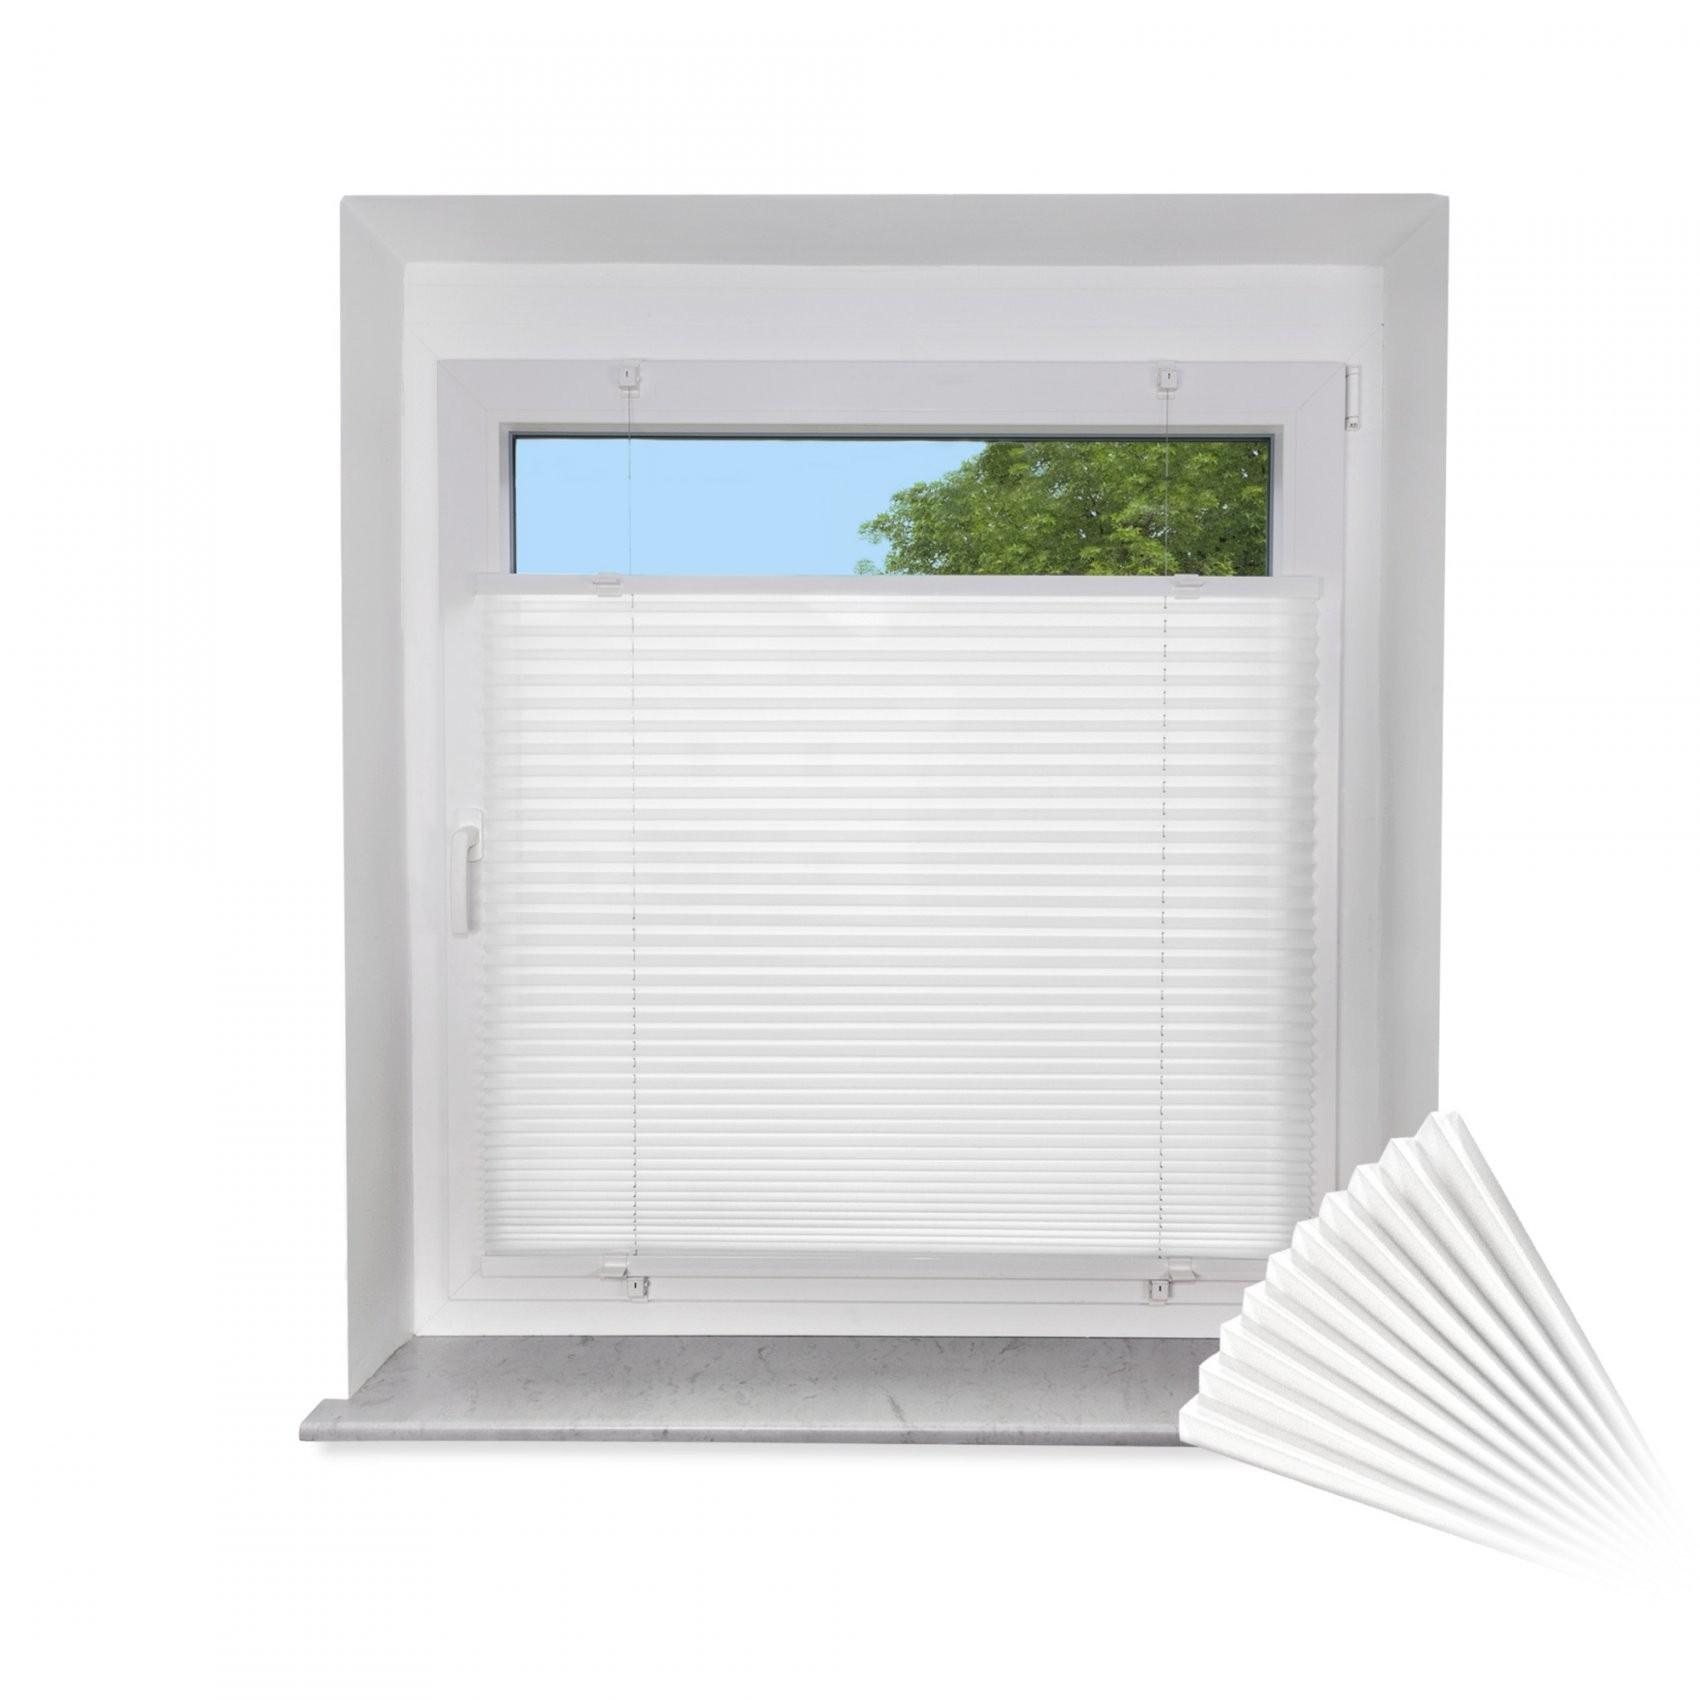 Klemmfix Plissee Für Fenster & Türe Faltrollo Rollo Sichtschutz Ink von Fenster Rollos Günstig Photo